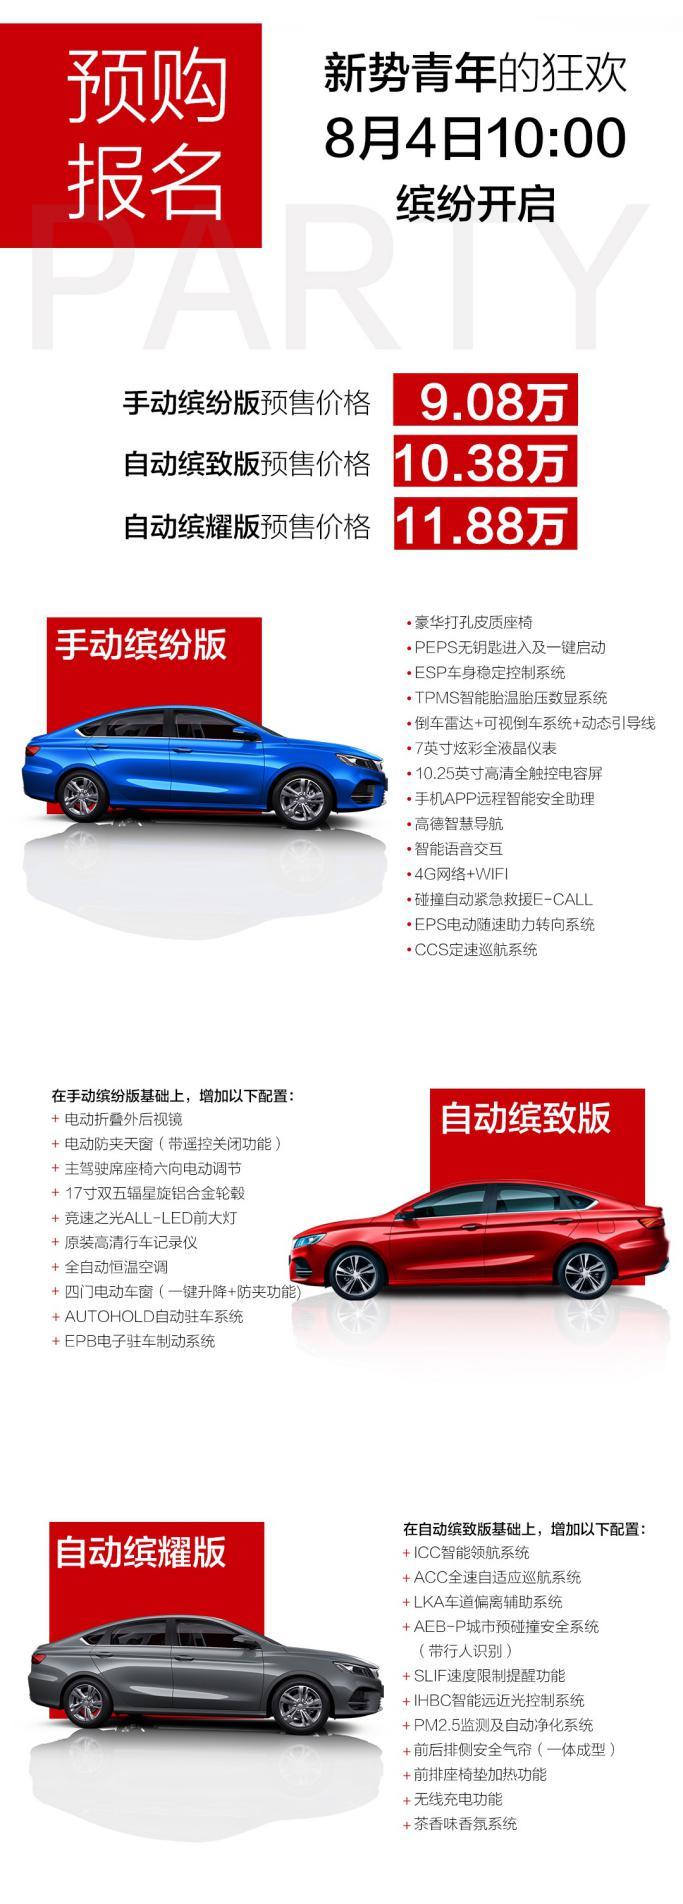 预售车型配置